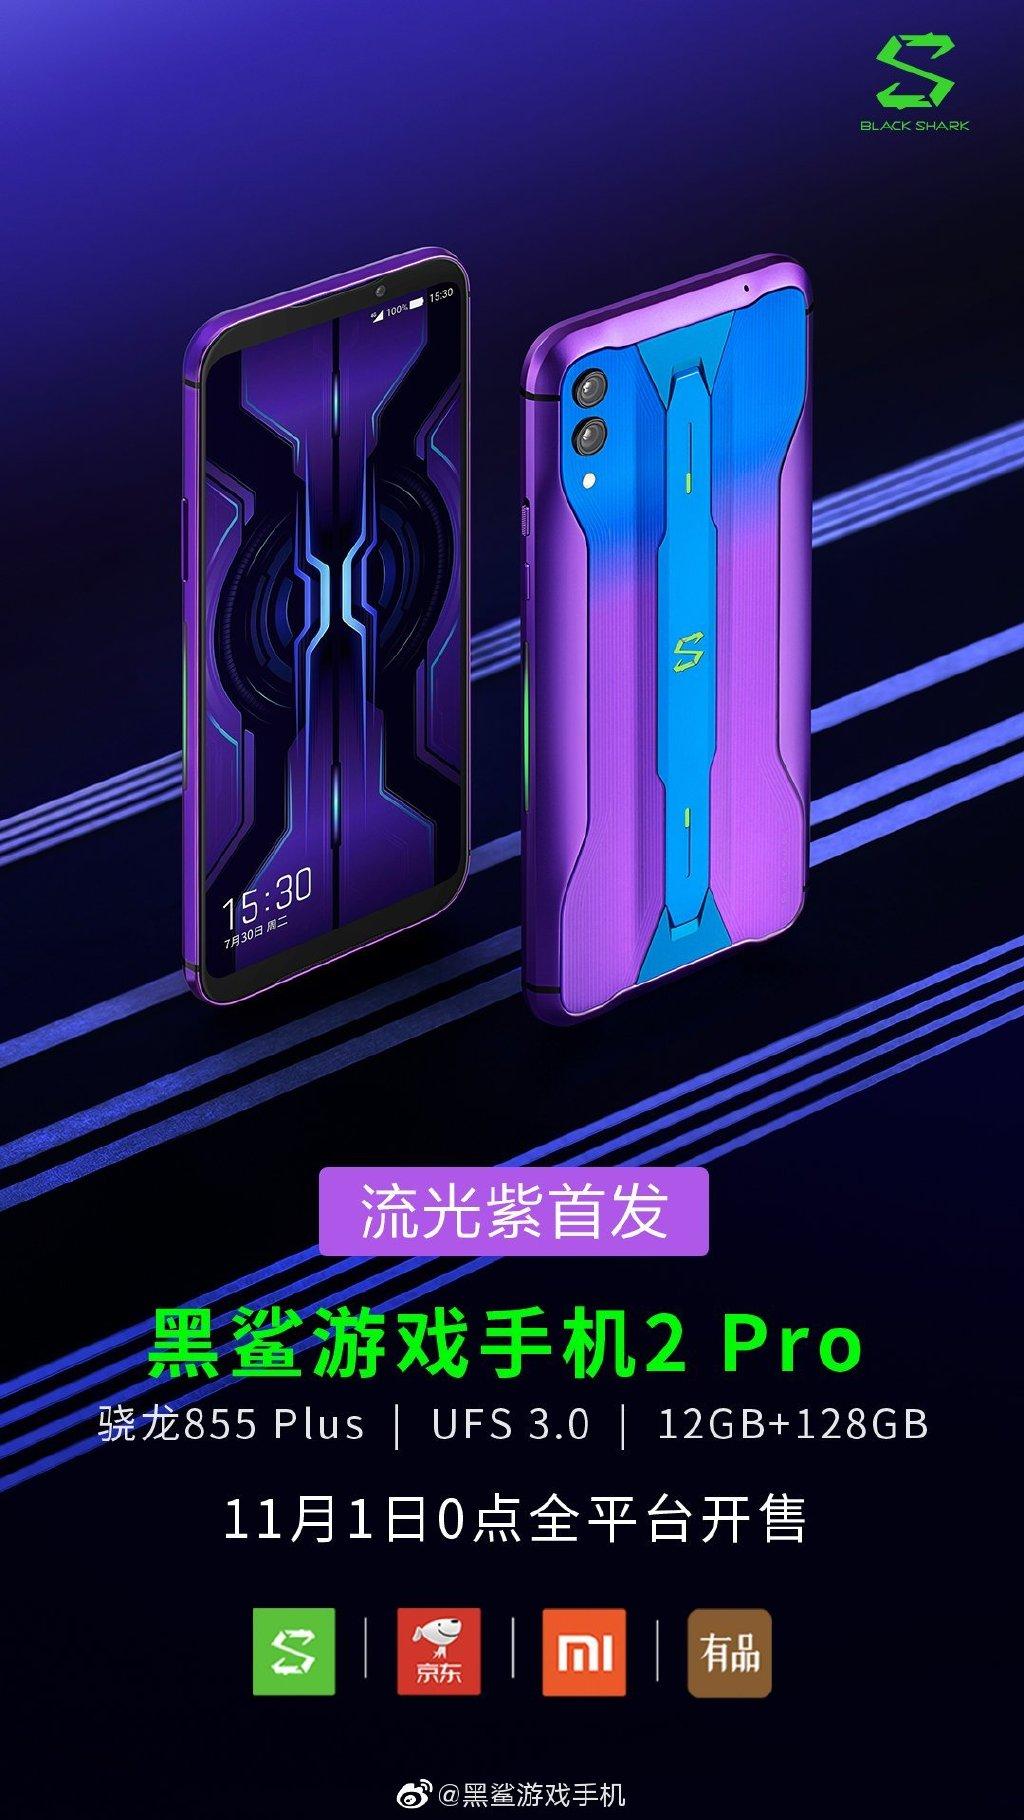 黑鲨游戏手机2 Pro新款上架:2999元起